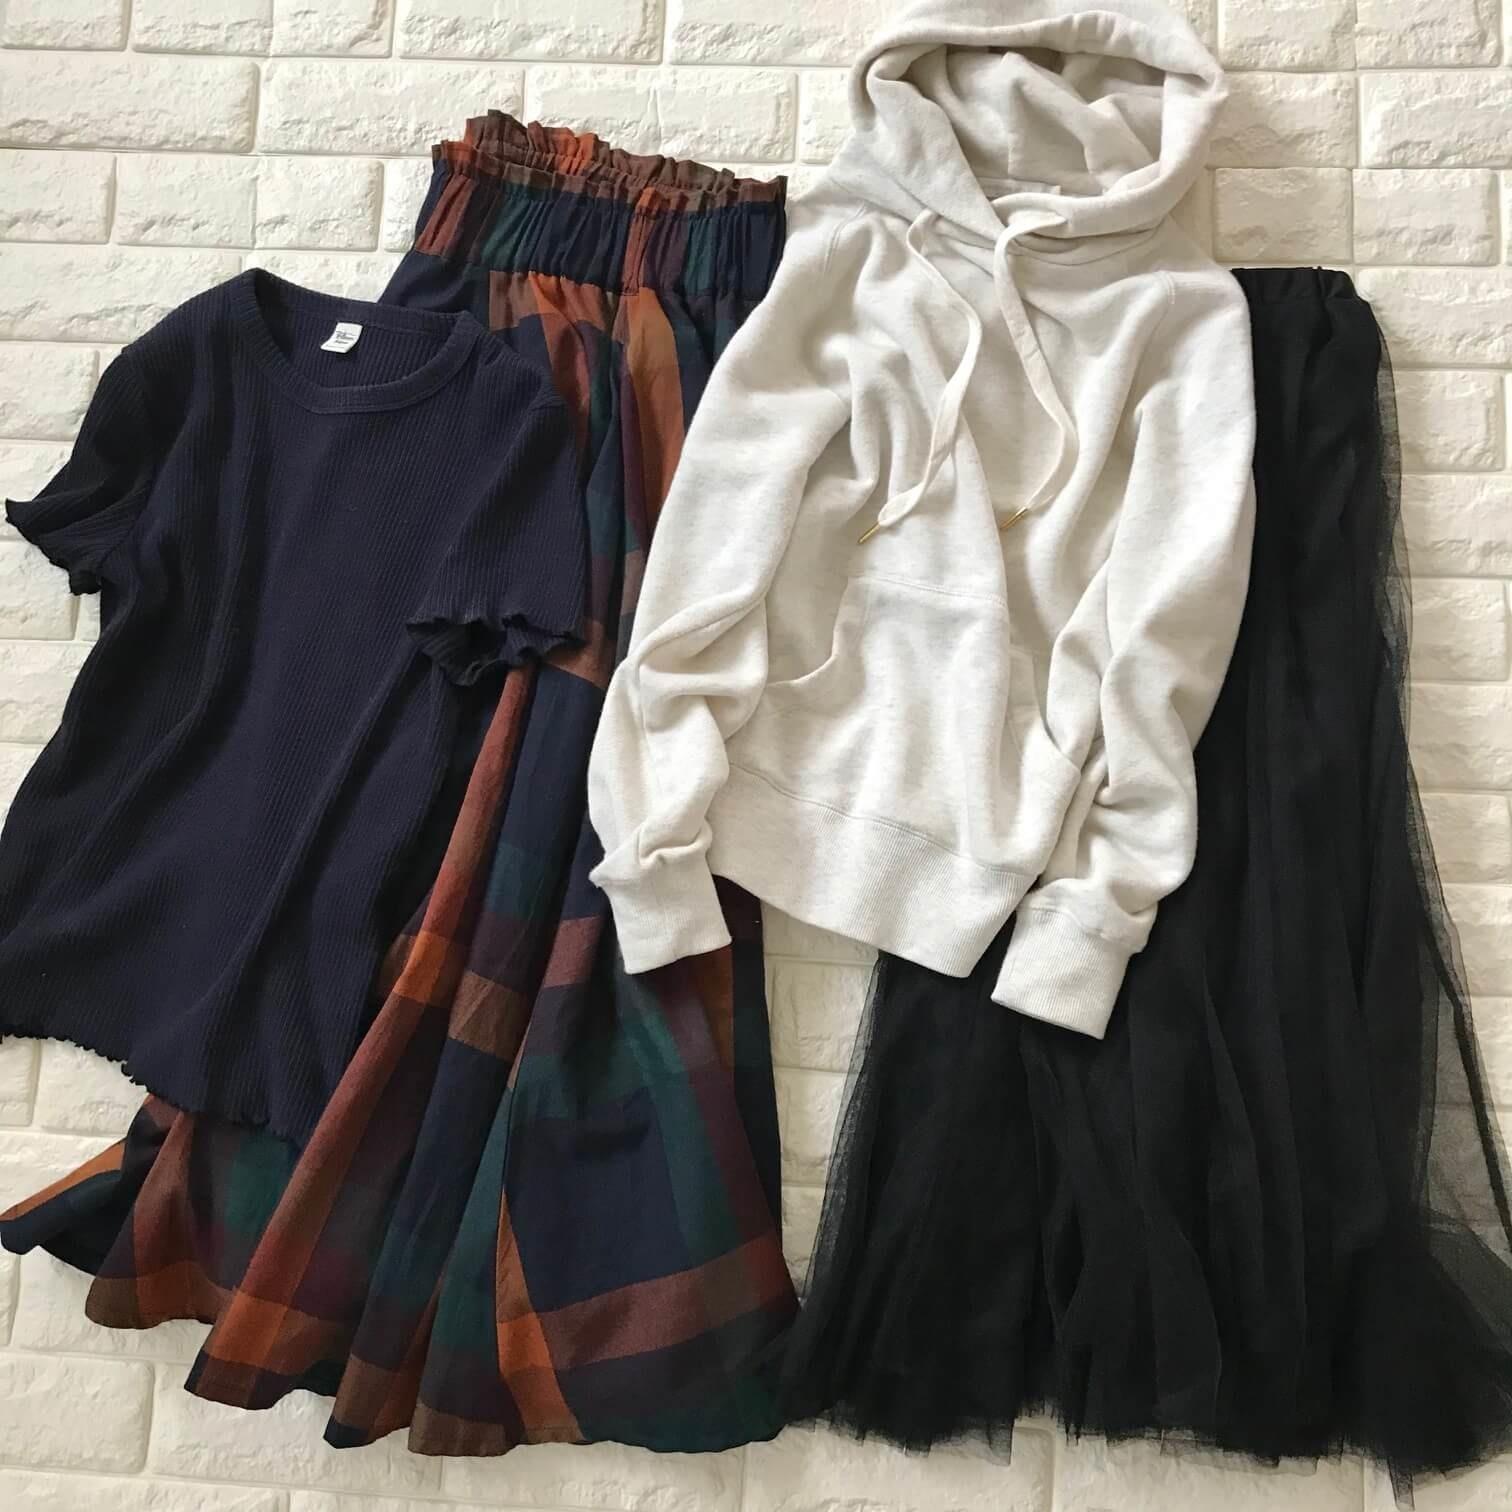 ティップトップのスカートと春用のトップスを合わせた画像